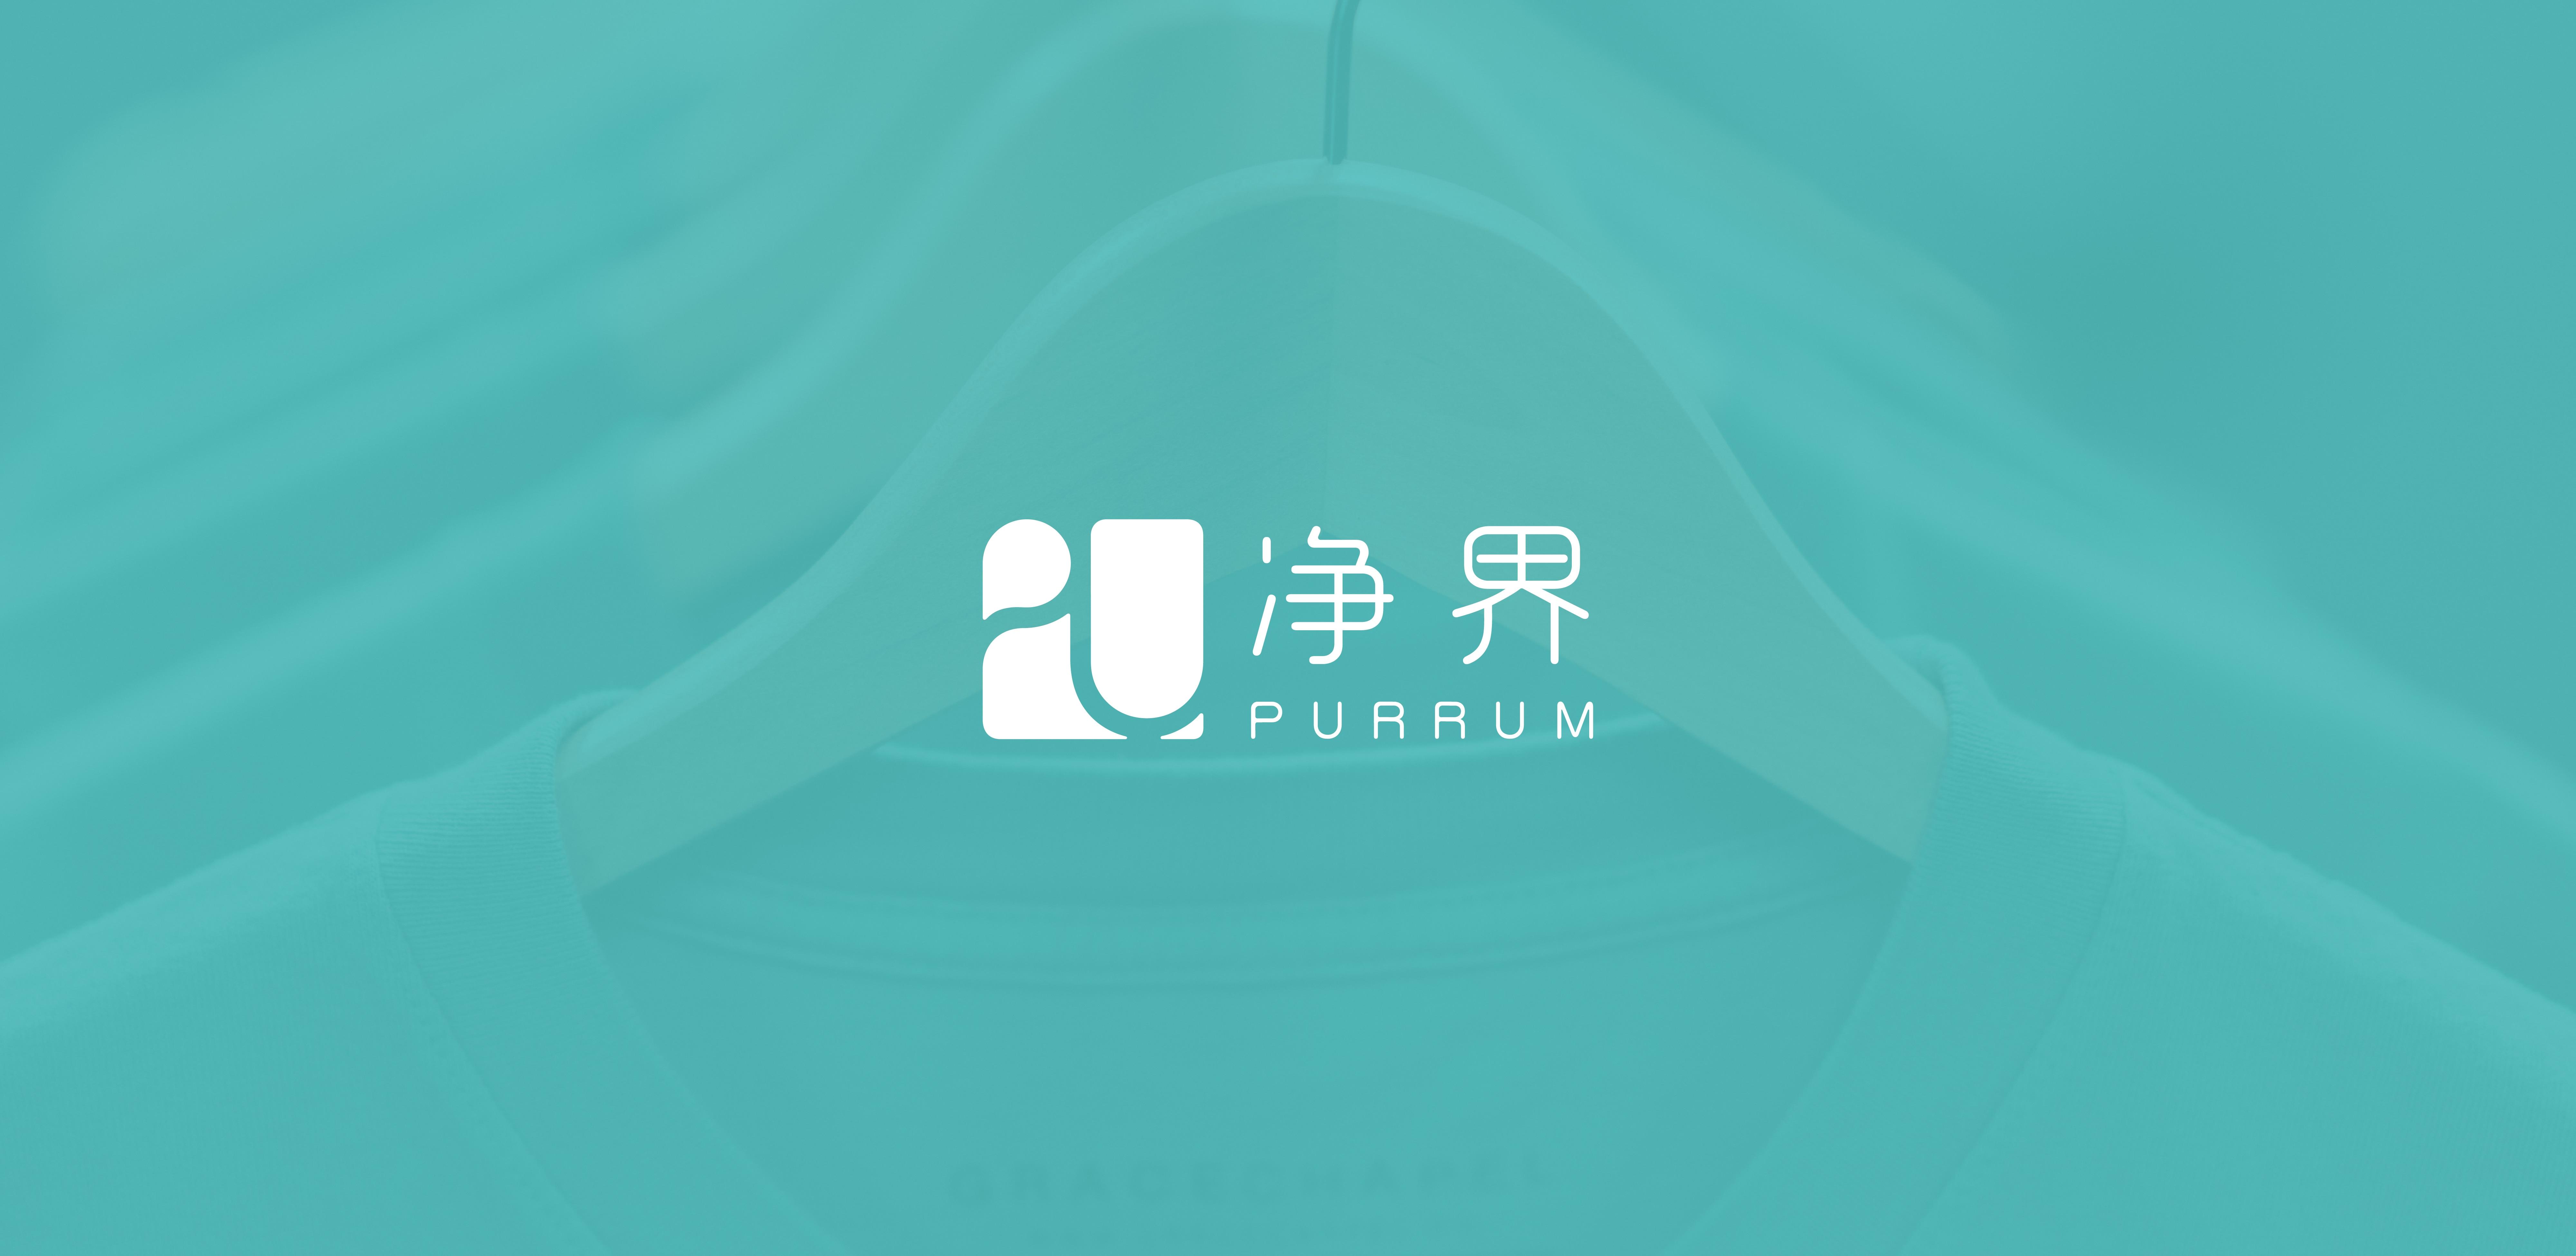 凈界logo設計